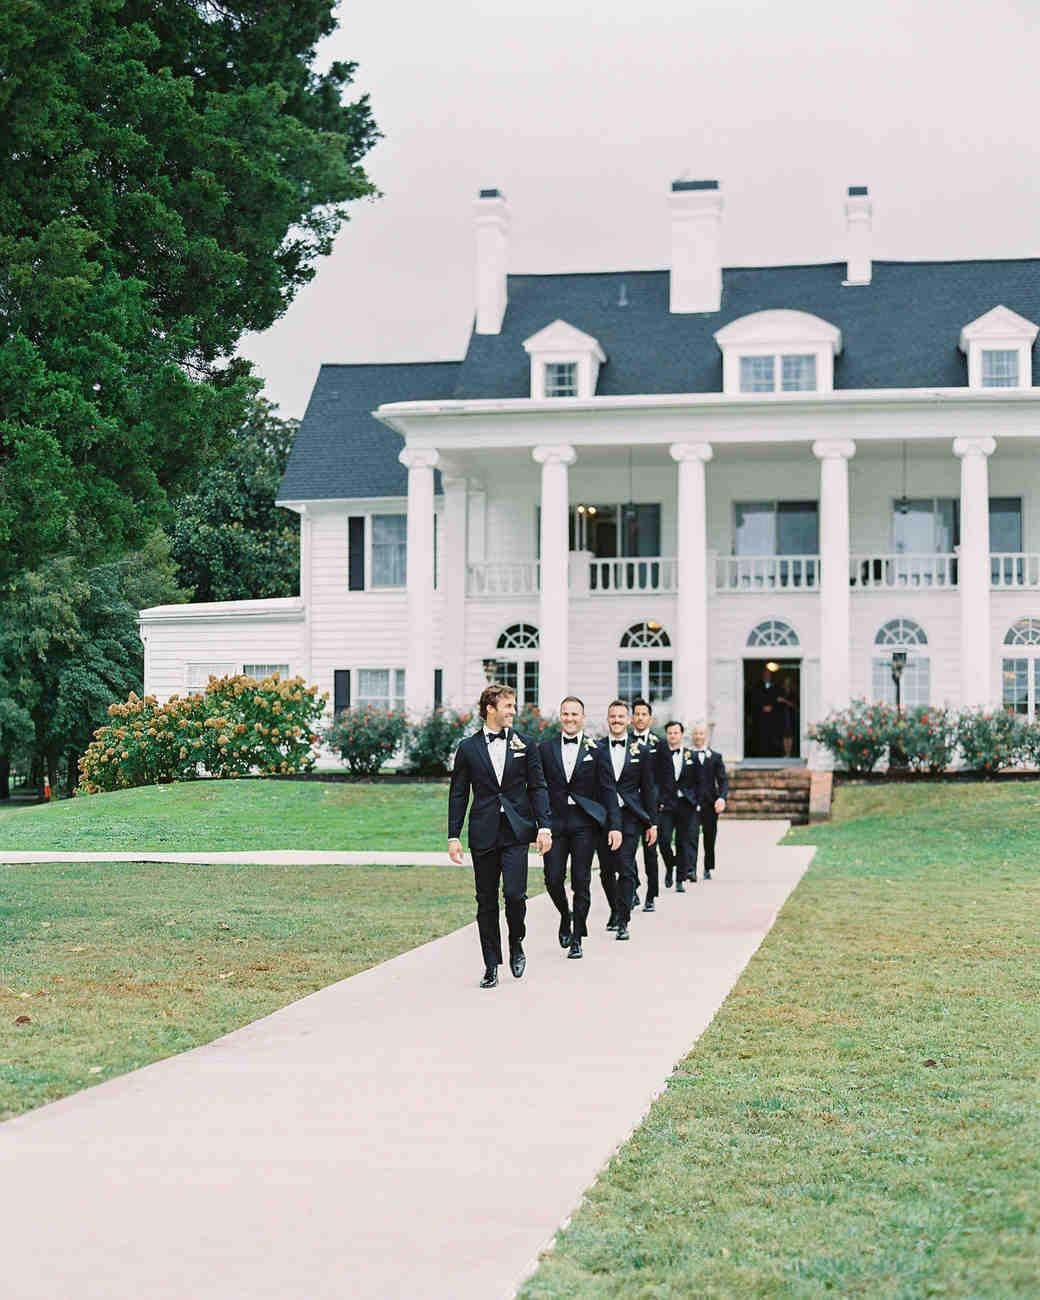 lauren alex wedding groomsmen walking in front of manor